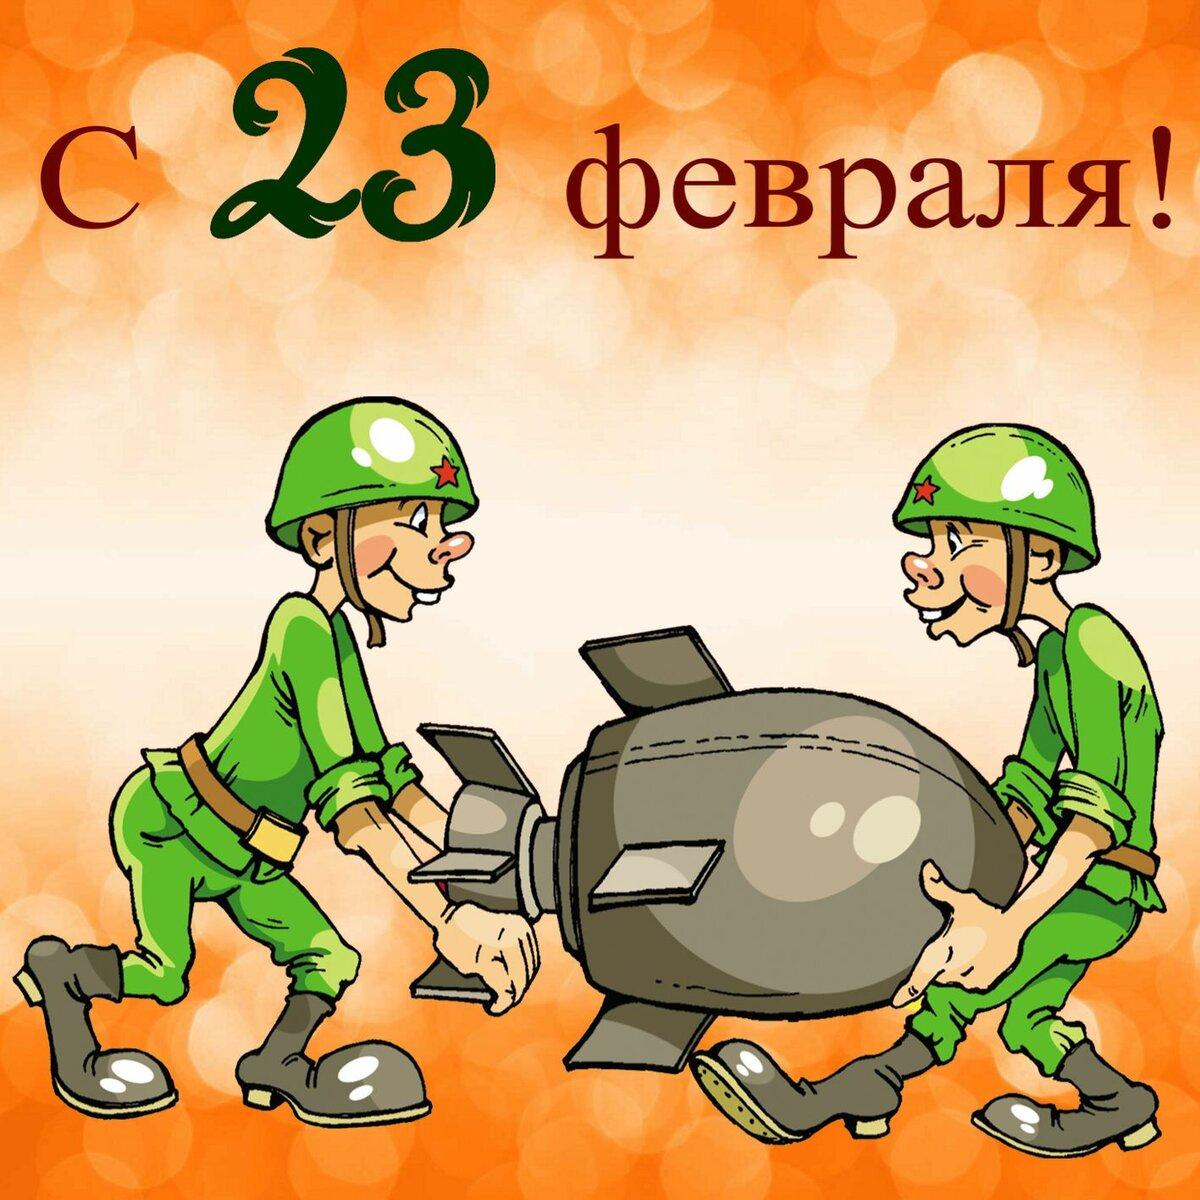 Картинки к 23 февраля для военных